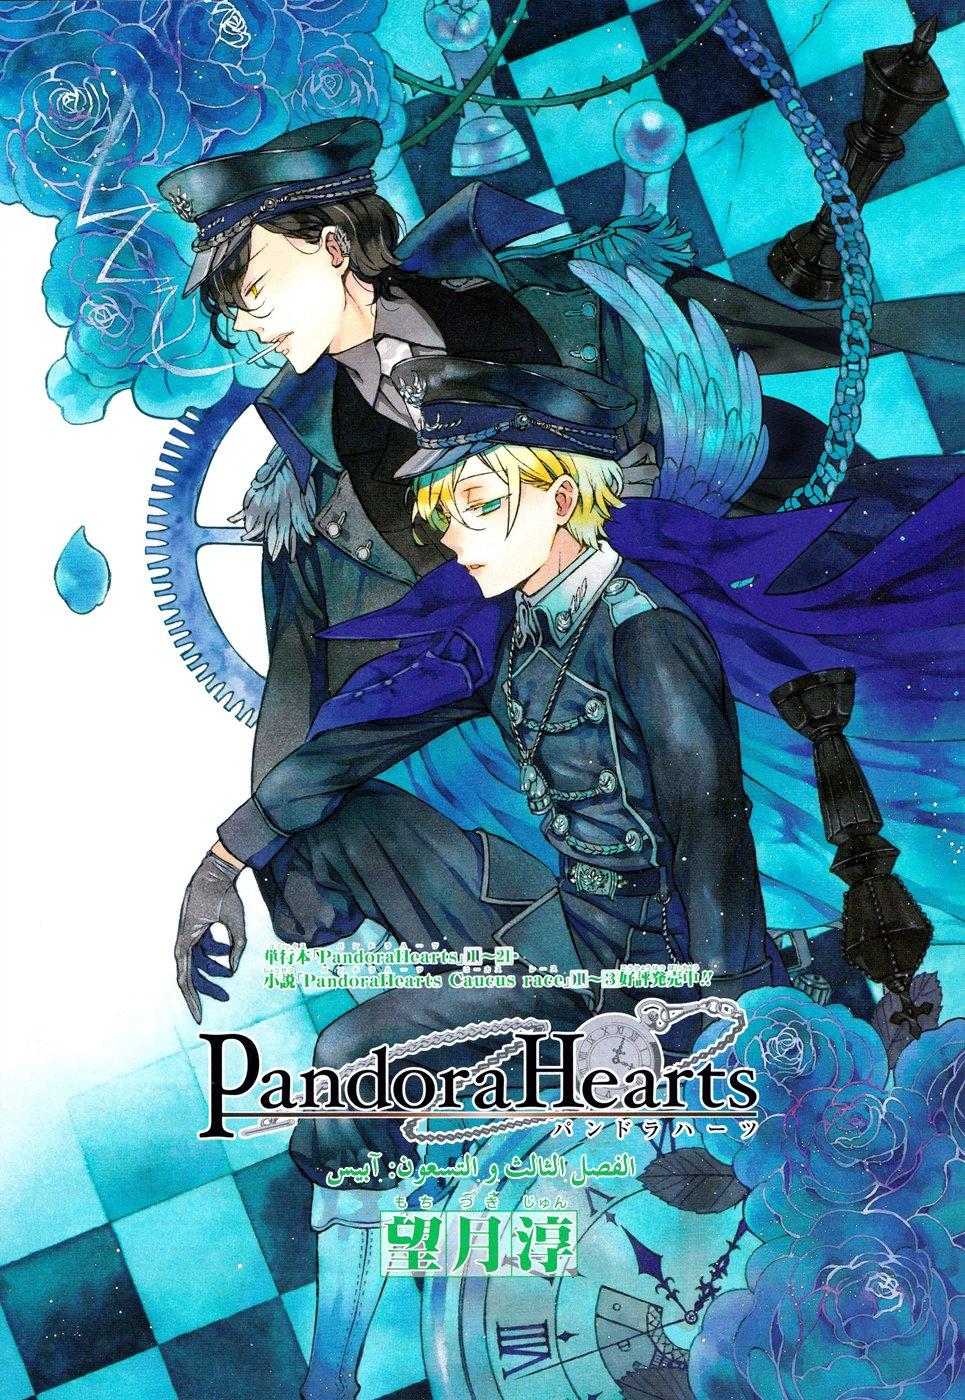 miley_cyrus_manga_mexat_panadora_hearts_00000000000000001